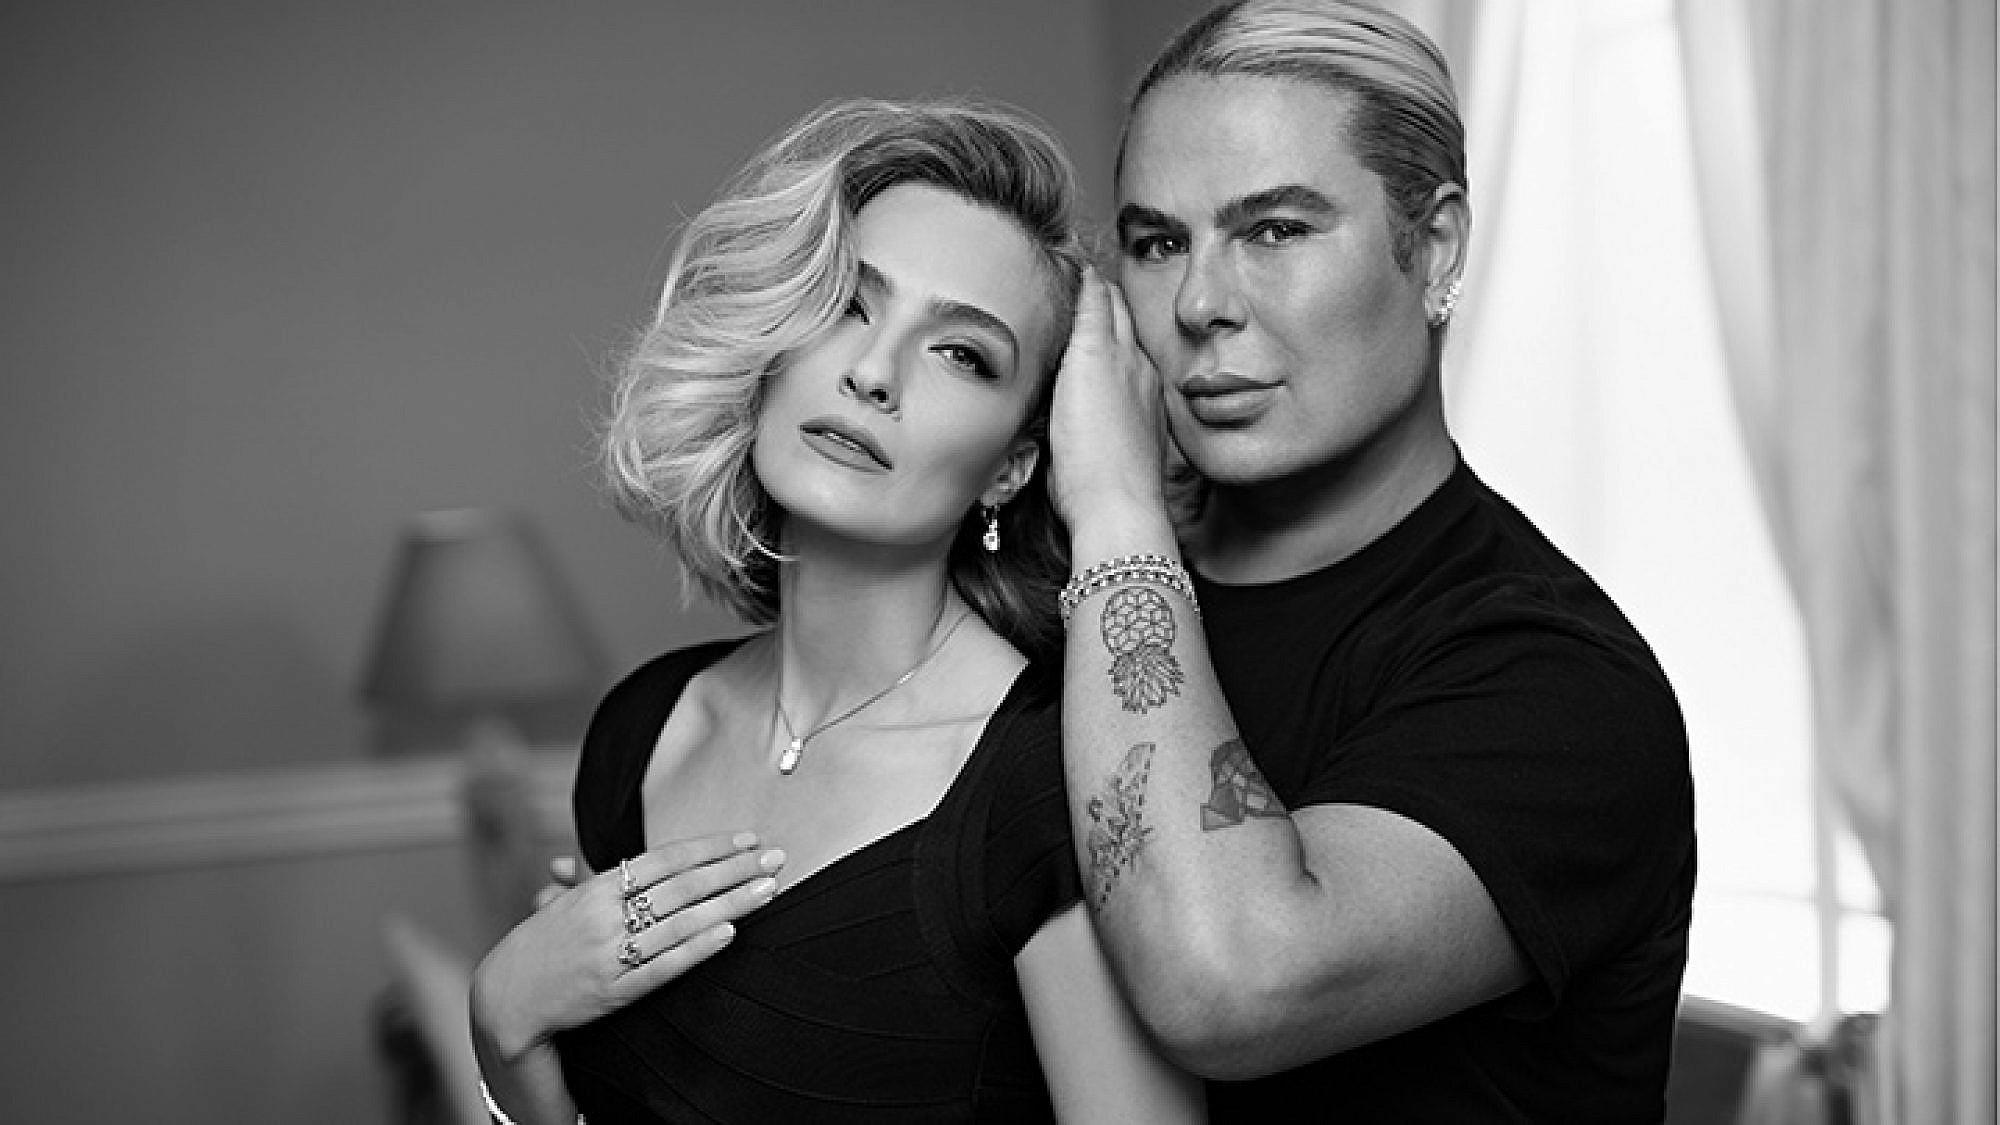 מיקי בוגנים ואילנית לוי ל-DF | צילום: דודי חסון